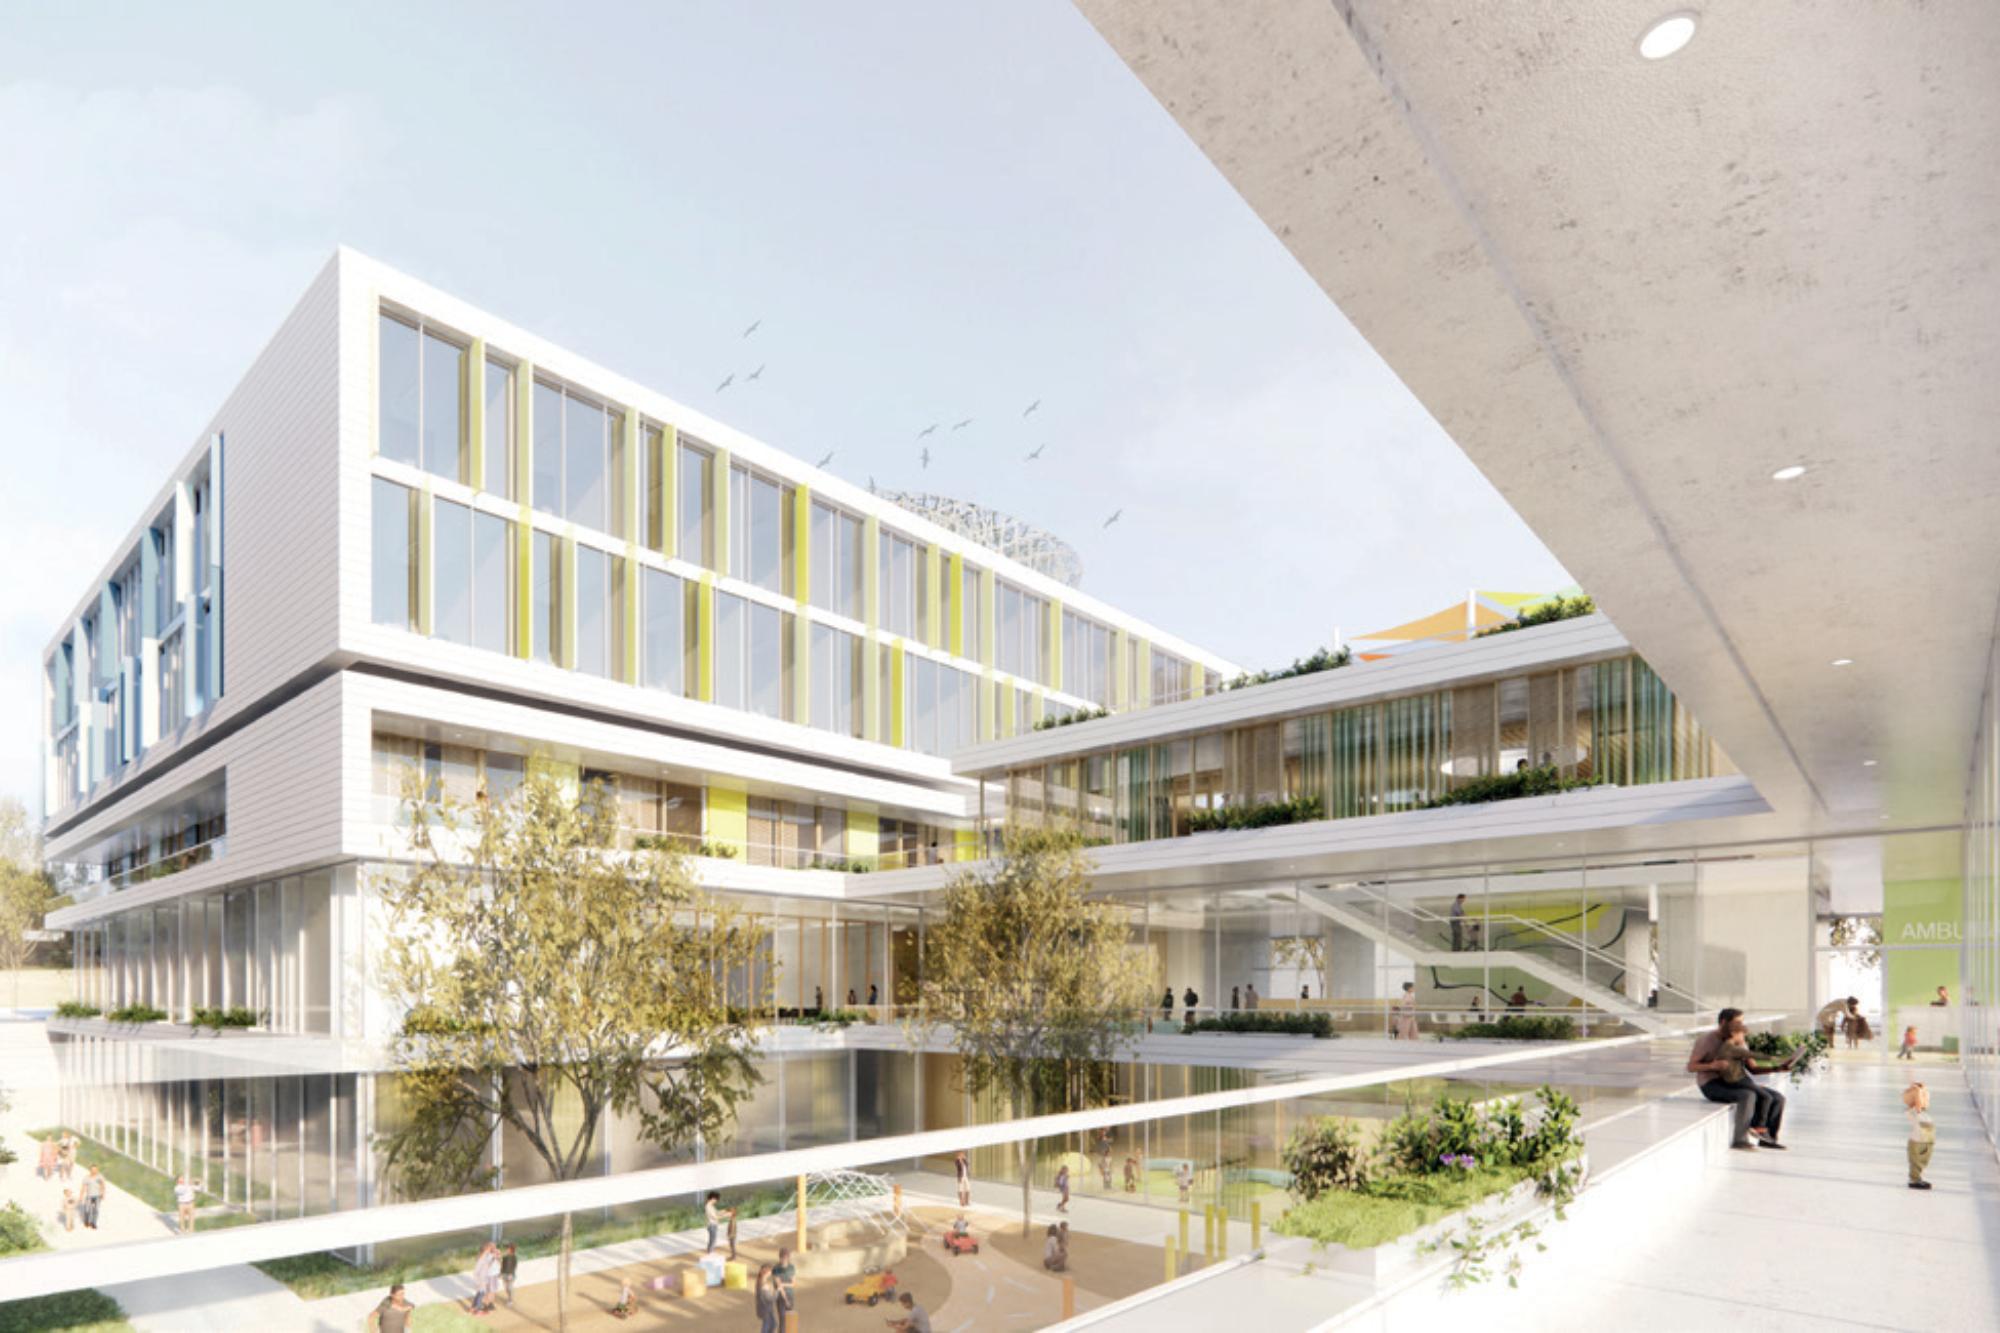 kitz_neubau_2020_aussen.jpg © Heinle, Wischer und Partner Freie Architekten